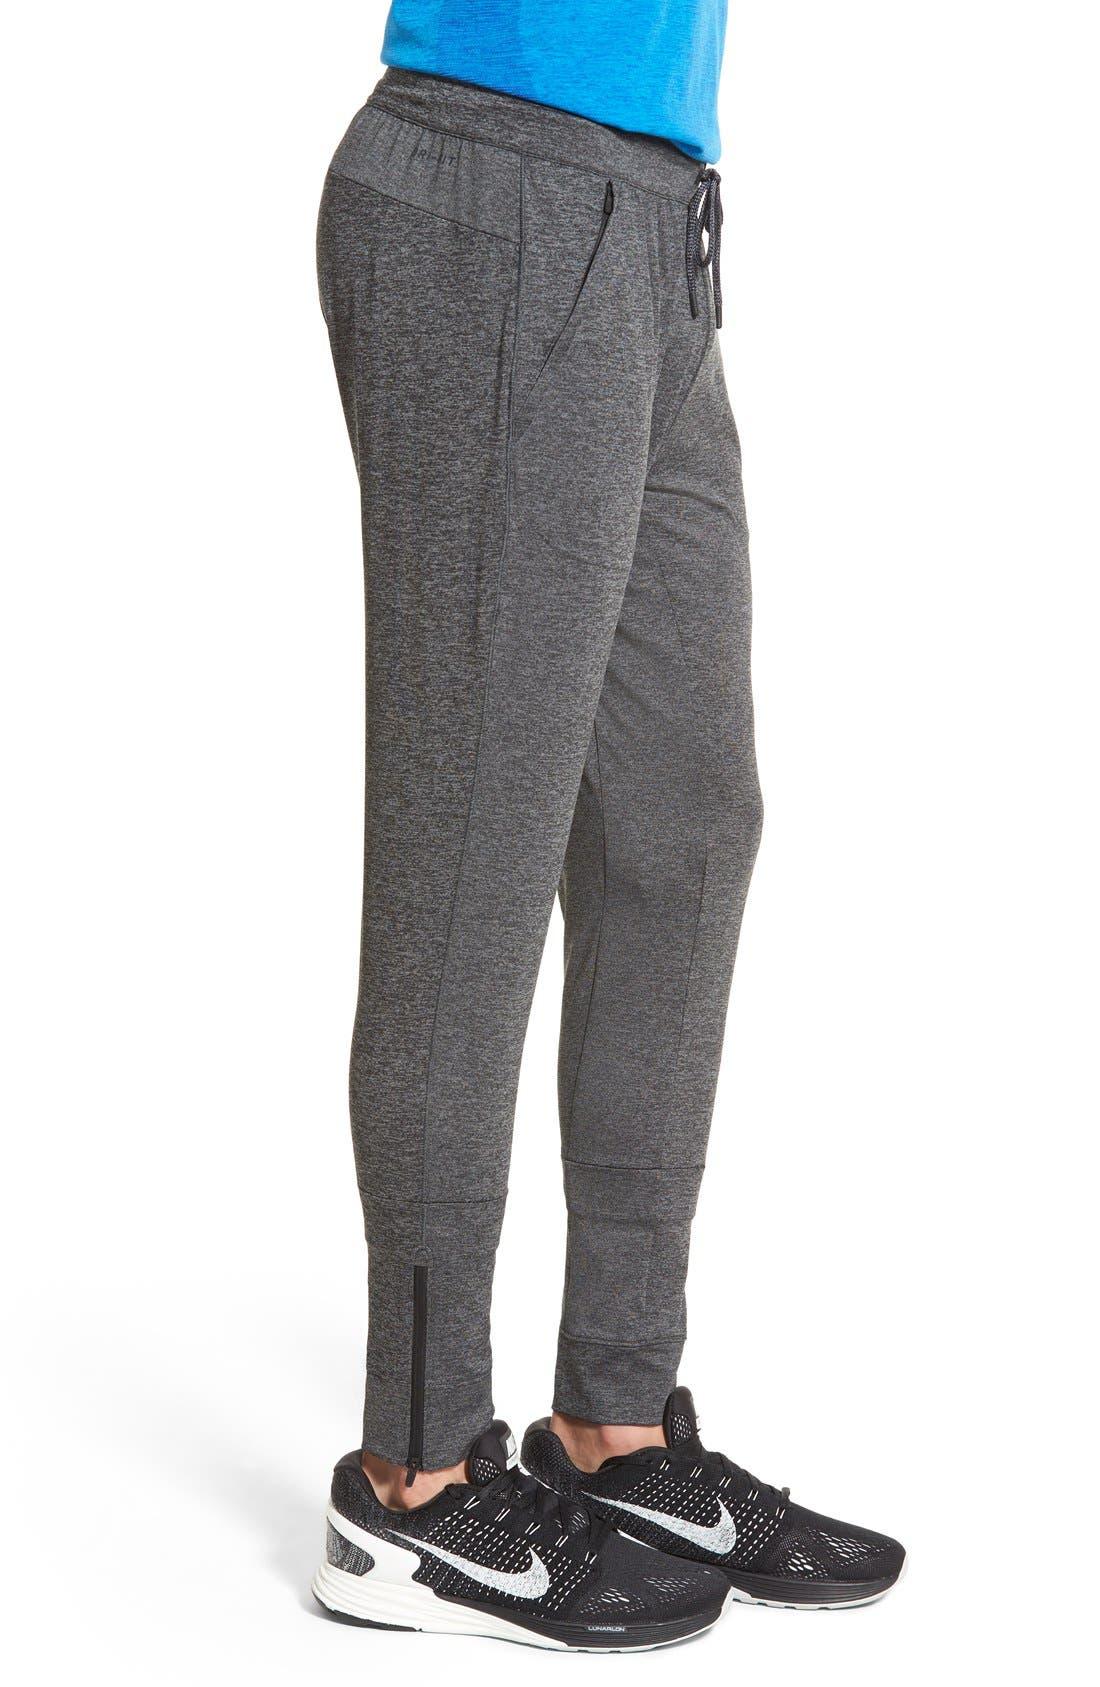 NIKE,                             'Ultimate Dry Knit' Dri-FIT Training Pants,                             Alternate thumbnail 5, color,                             010